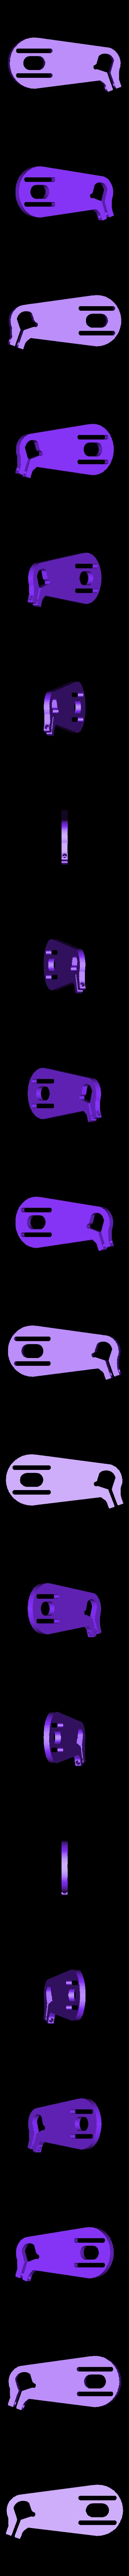 motor_plate_5.stl Télécharger fichier STL gratuit Planche de bricolage électrique Longboard • Objet imprimable en 3D, NikodemBartnik